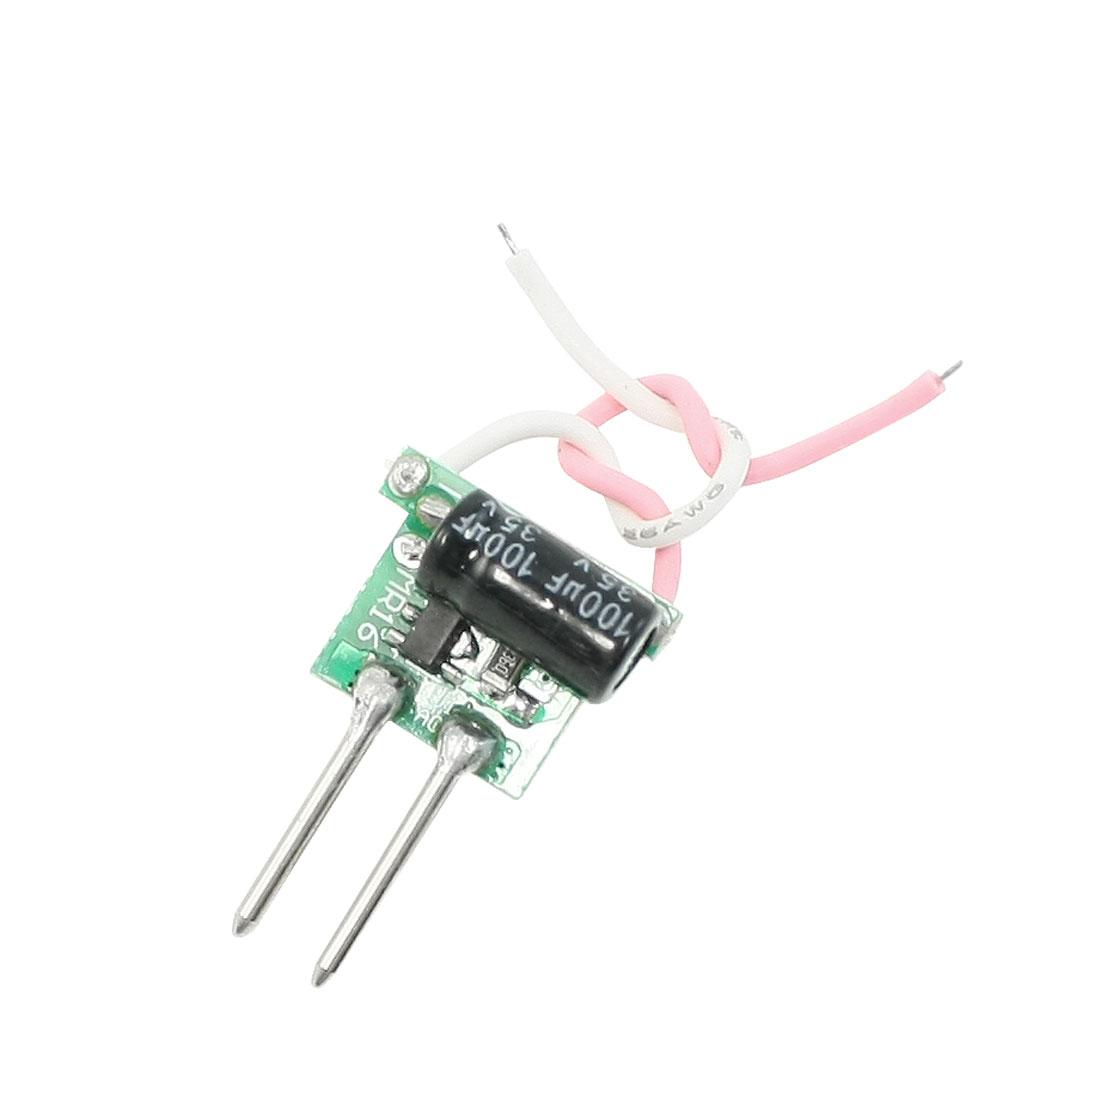 AC 110V-220V Input DC 8V-11V Output 3x1W LED Power Supply Module